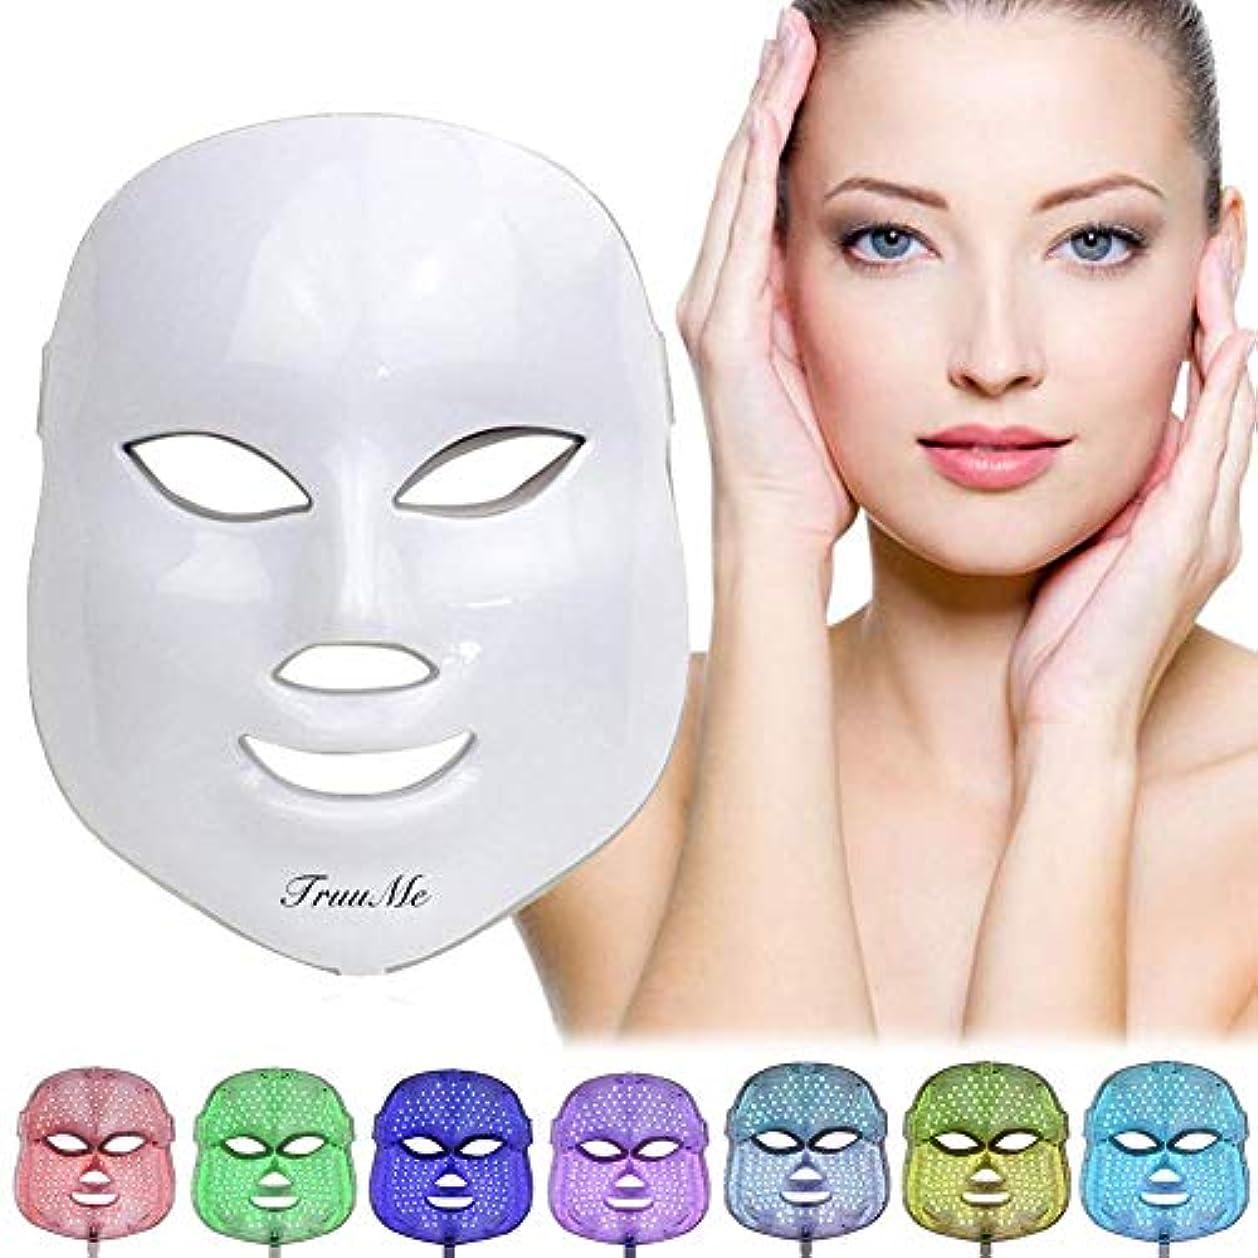 代表打たれたトラック見てLEDフェイスマスク、ライトセラピーニキビマスク、LEDフェイシャルマスク、光線療法マスク、LEDエレクトリックフェイシャルマスク、7色光治療、ニキビ治療用マスク、斑点、にきび、皮膚のシミ